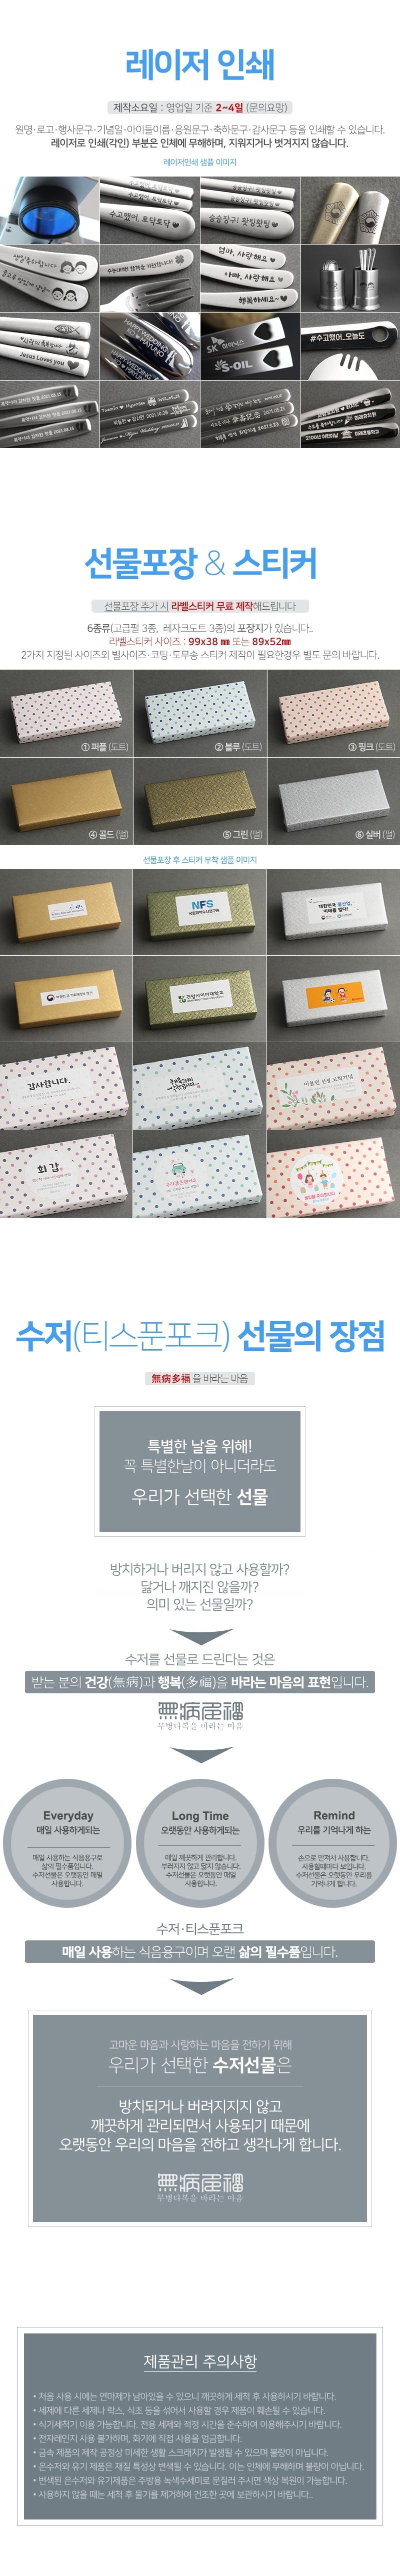 bottom_papercase.jpg